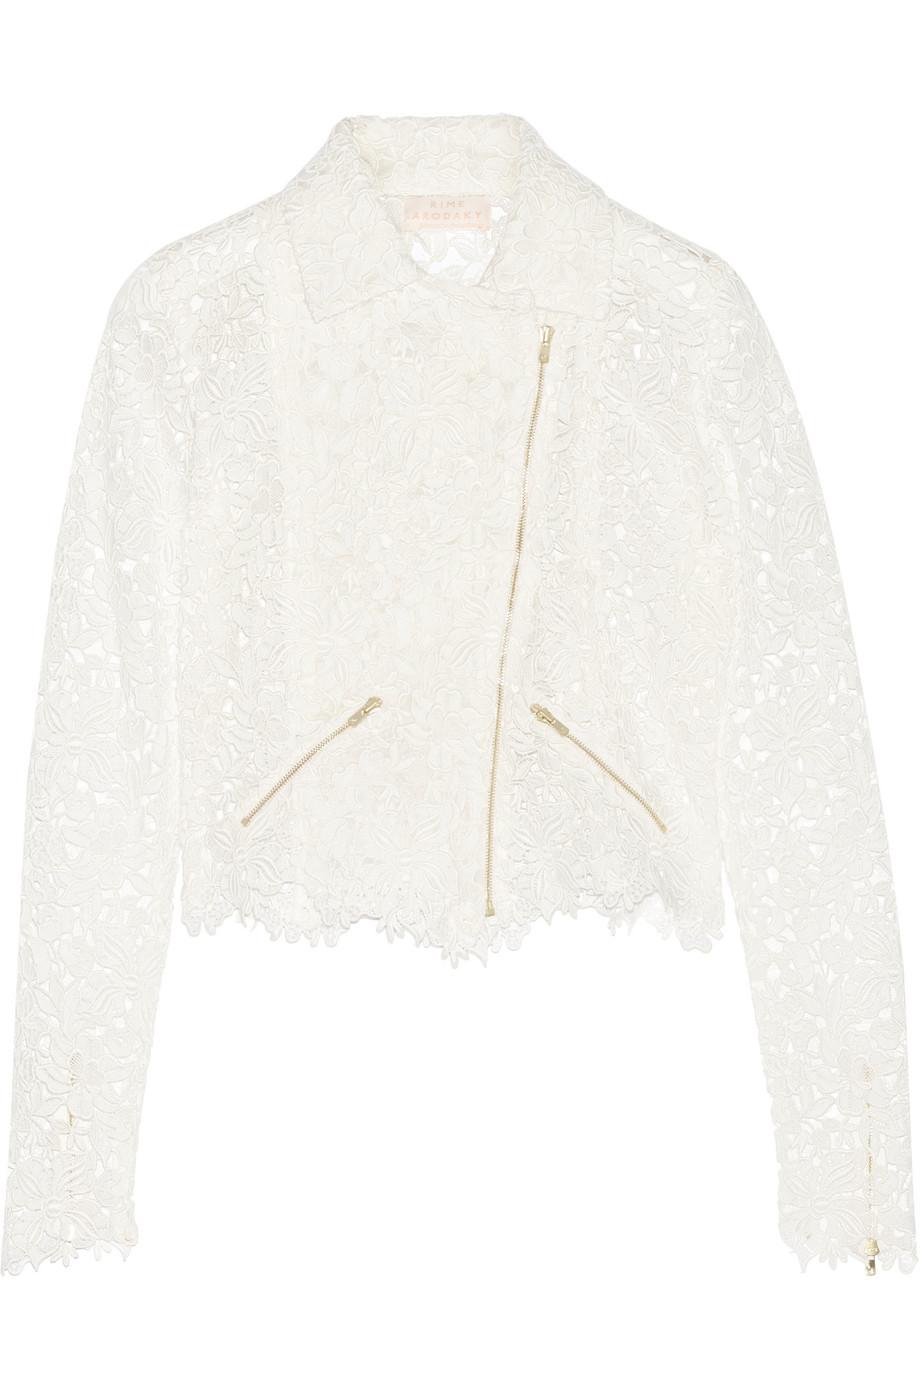 Rime Arodaky Drew Cropped Cotton-Lace Biker Jacket, White, Women's, Size: 38